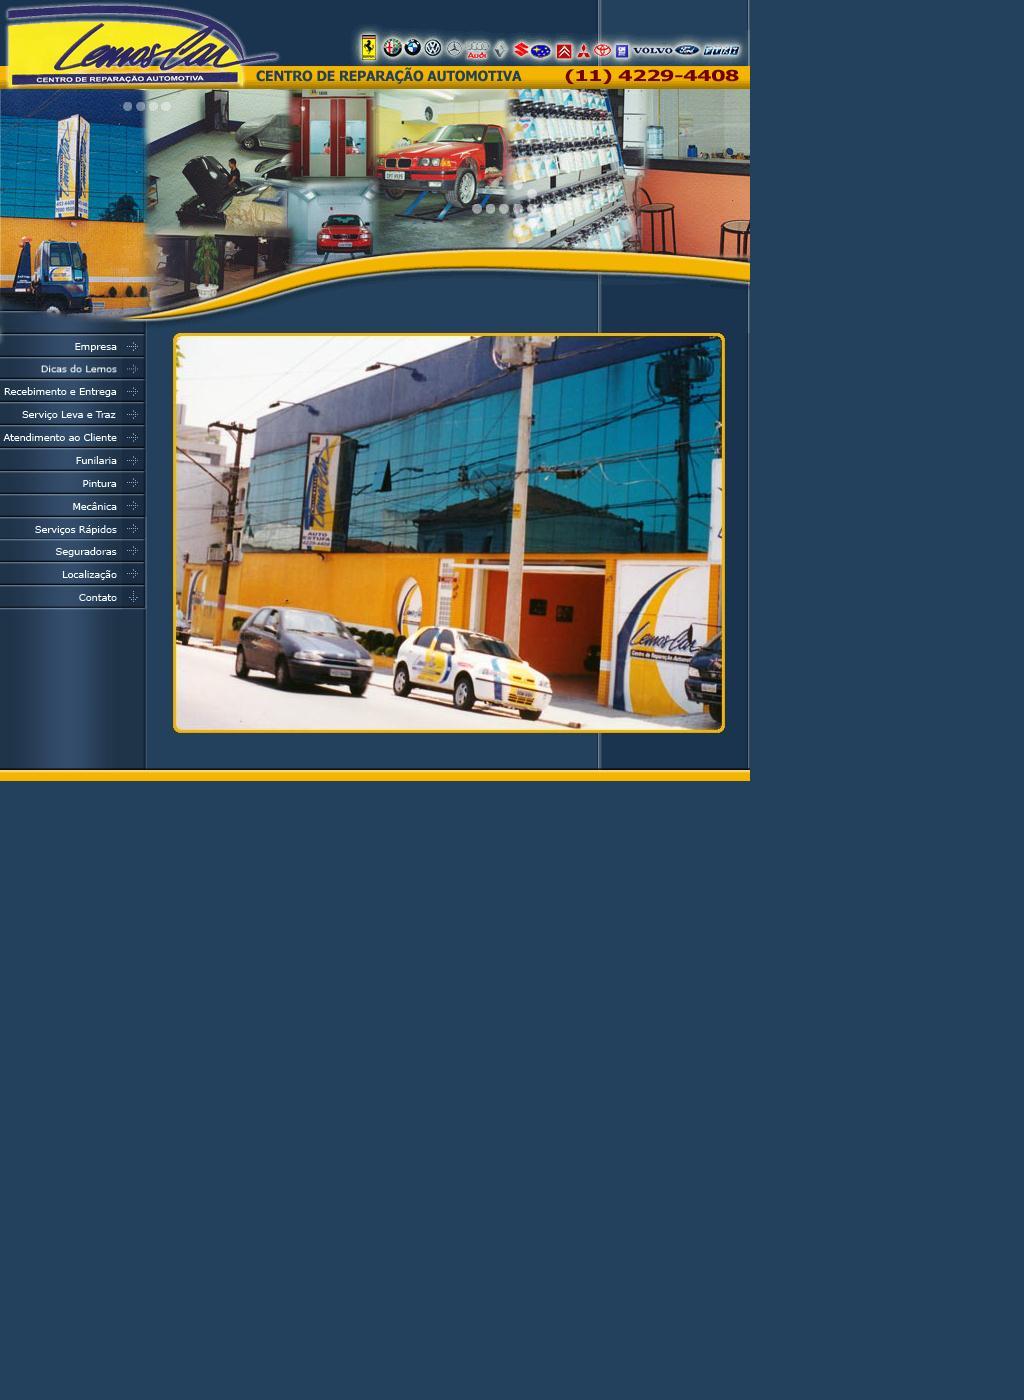 ..:: LEMOS CAR - Centro de Reparação Automotiva ::..